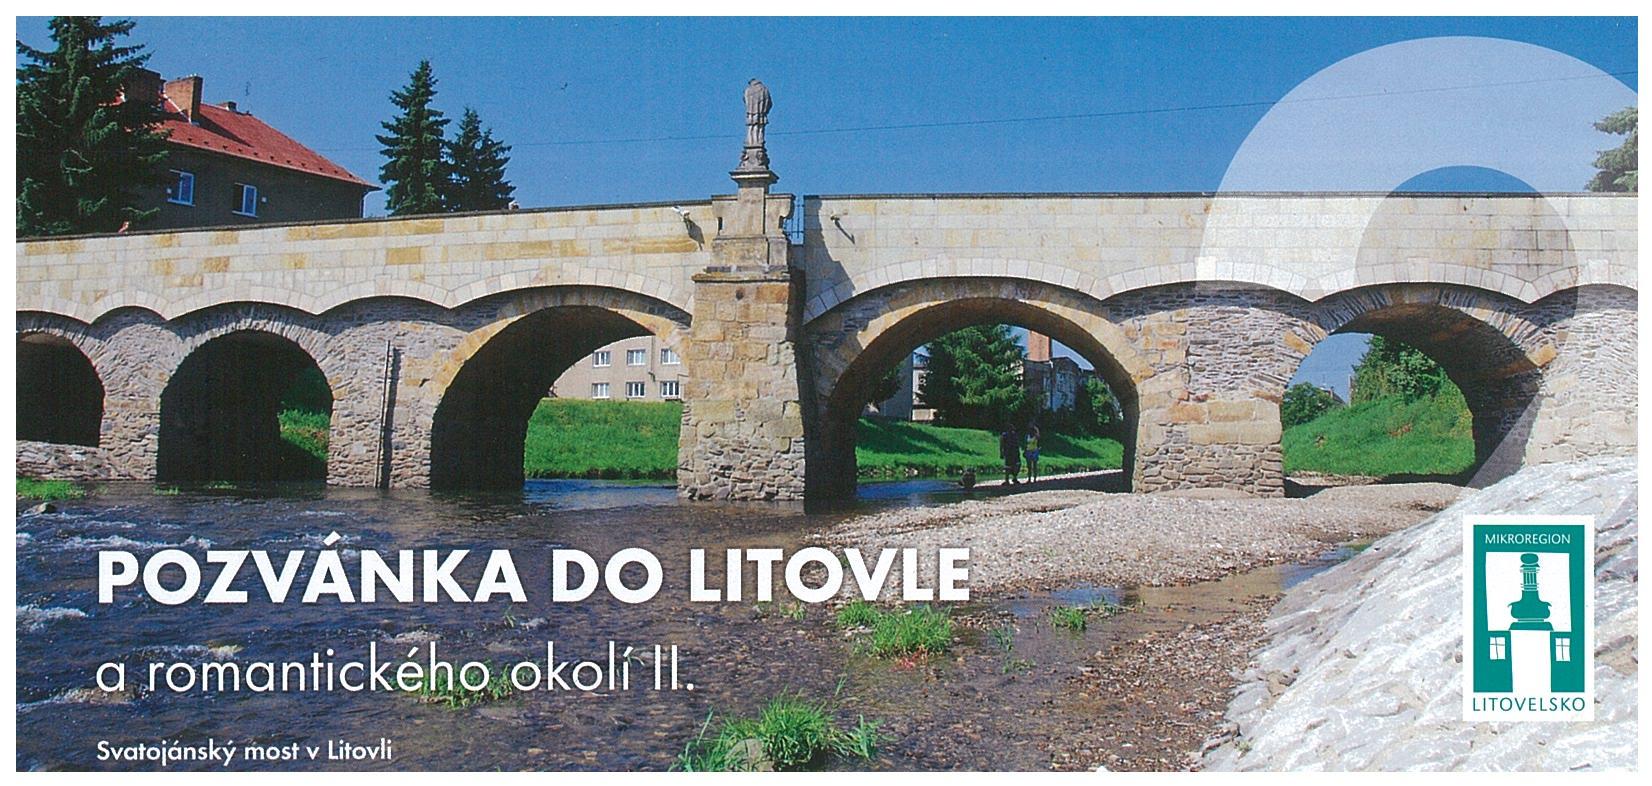 Pozvánka do Litovle a romantického okolí II, obrázek se otevře v novém okně